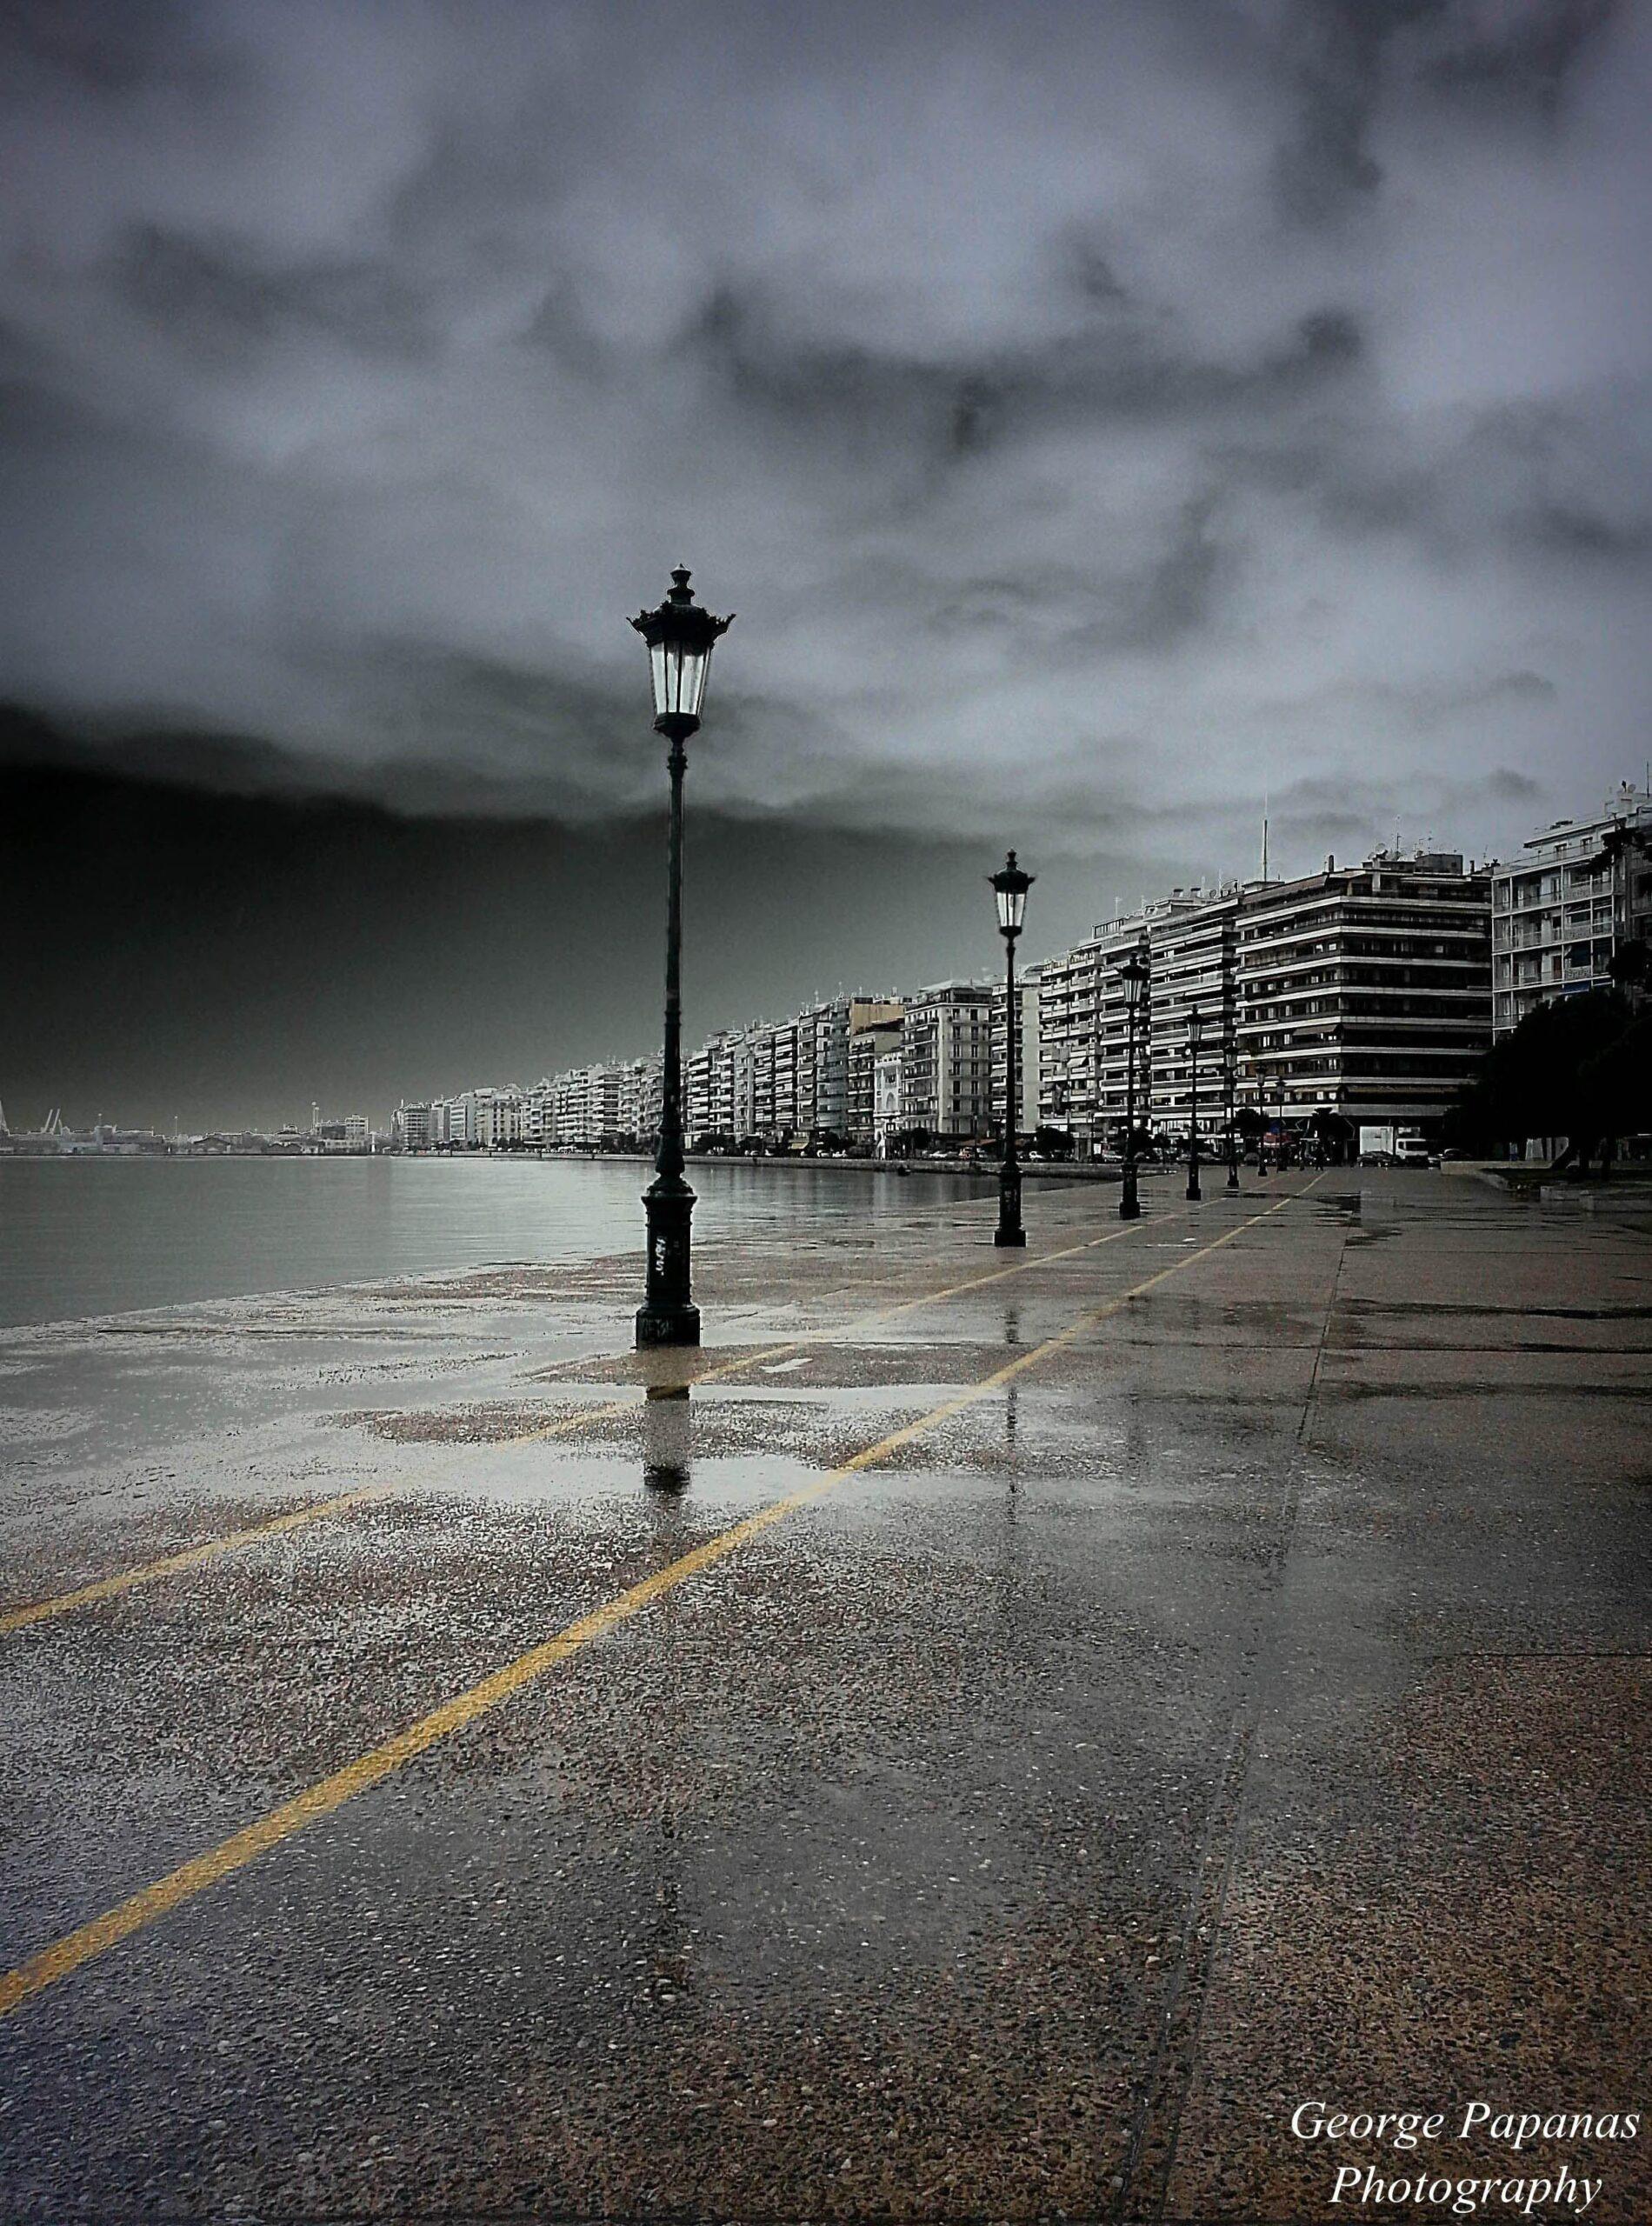 Βροχερός καιρός την Κυριακή 21/3/21 σε αρκετές περιοχές.